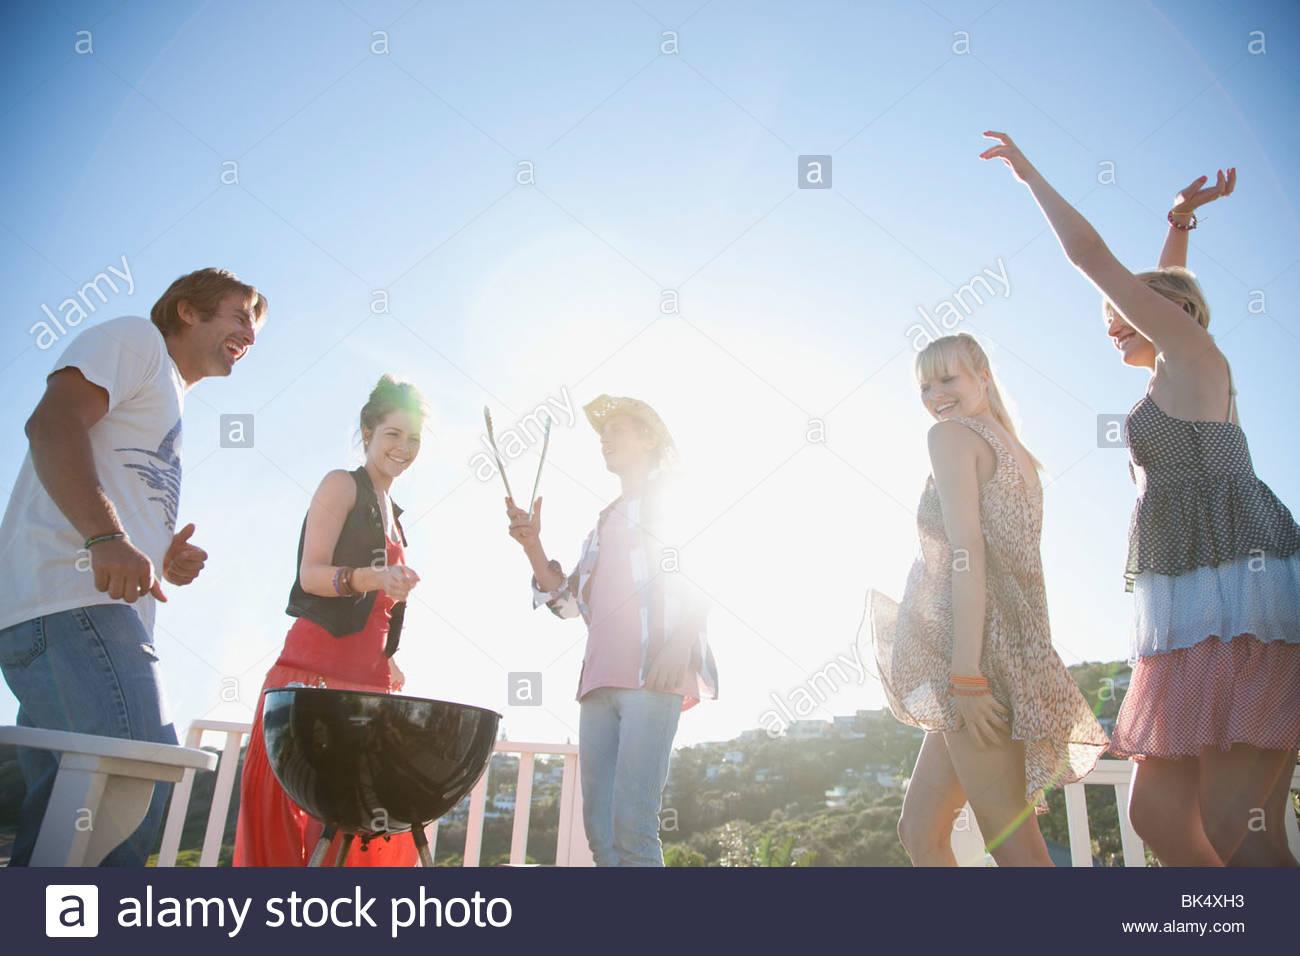 Amici ballare e cottura alla brace Immagini Stock